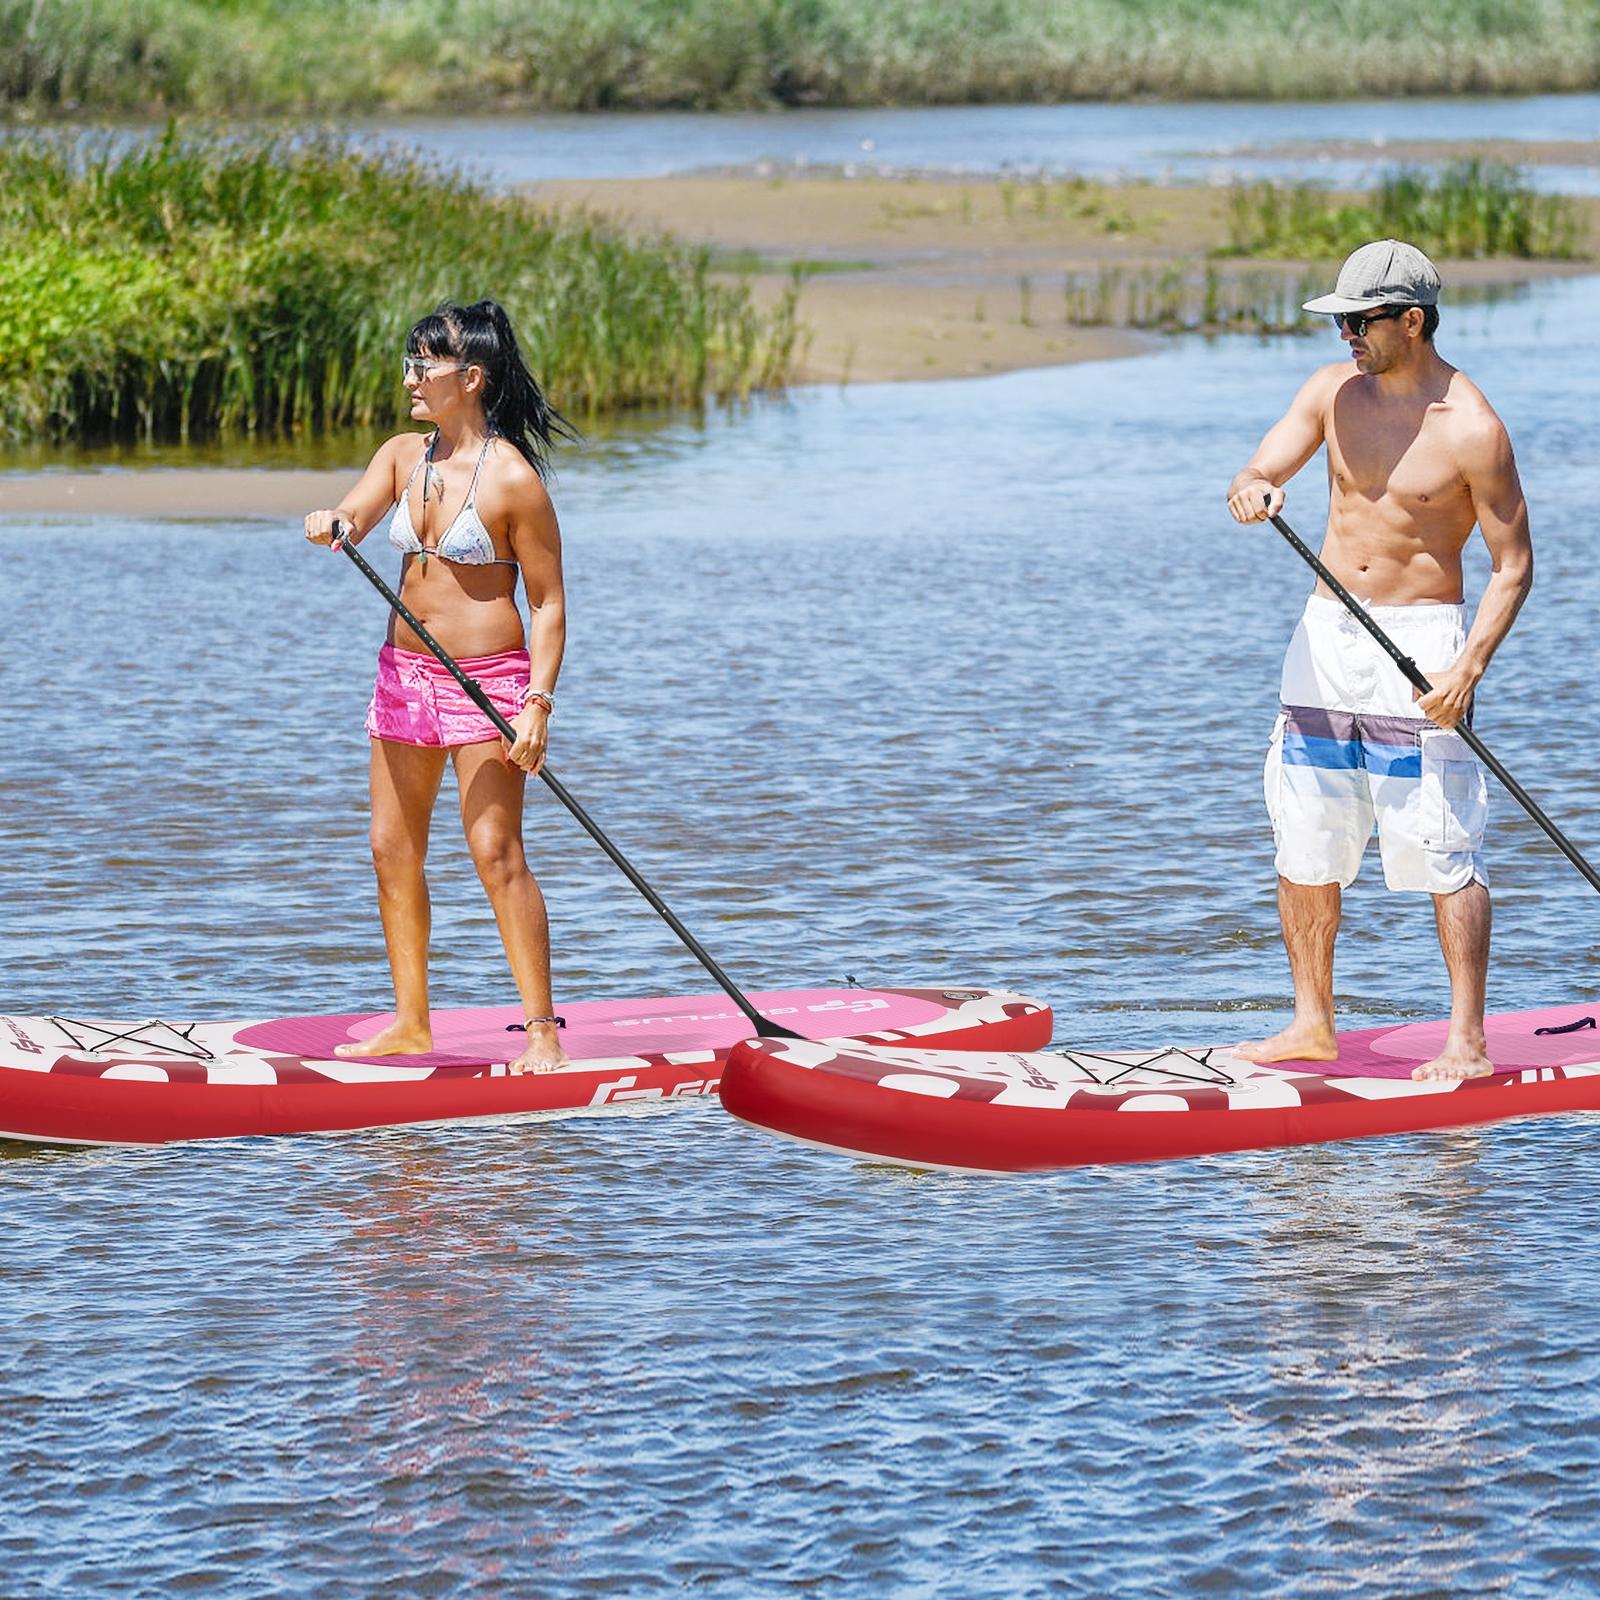 Costway Tavola gonfiabile da paddle per bambini e adulti Tavola SUP extra ampia con controllo surf 325x76x16cm Rosa